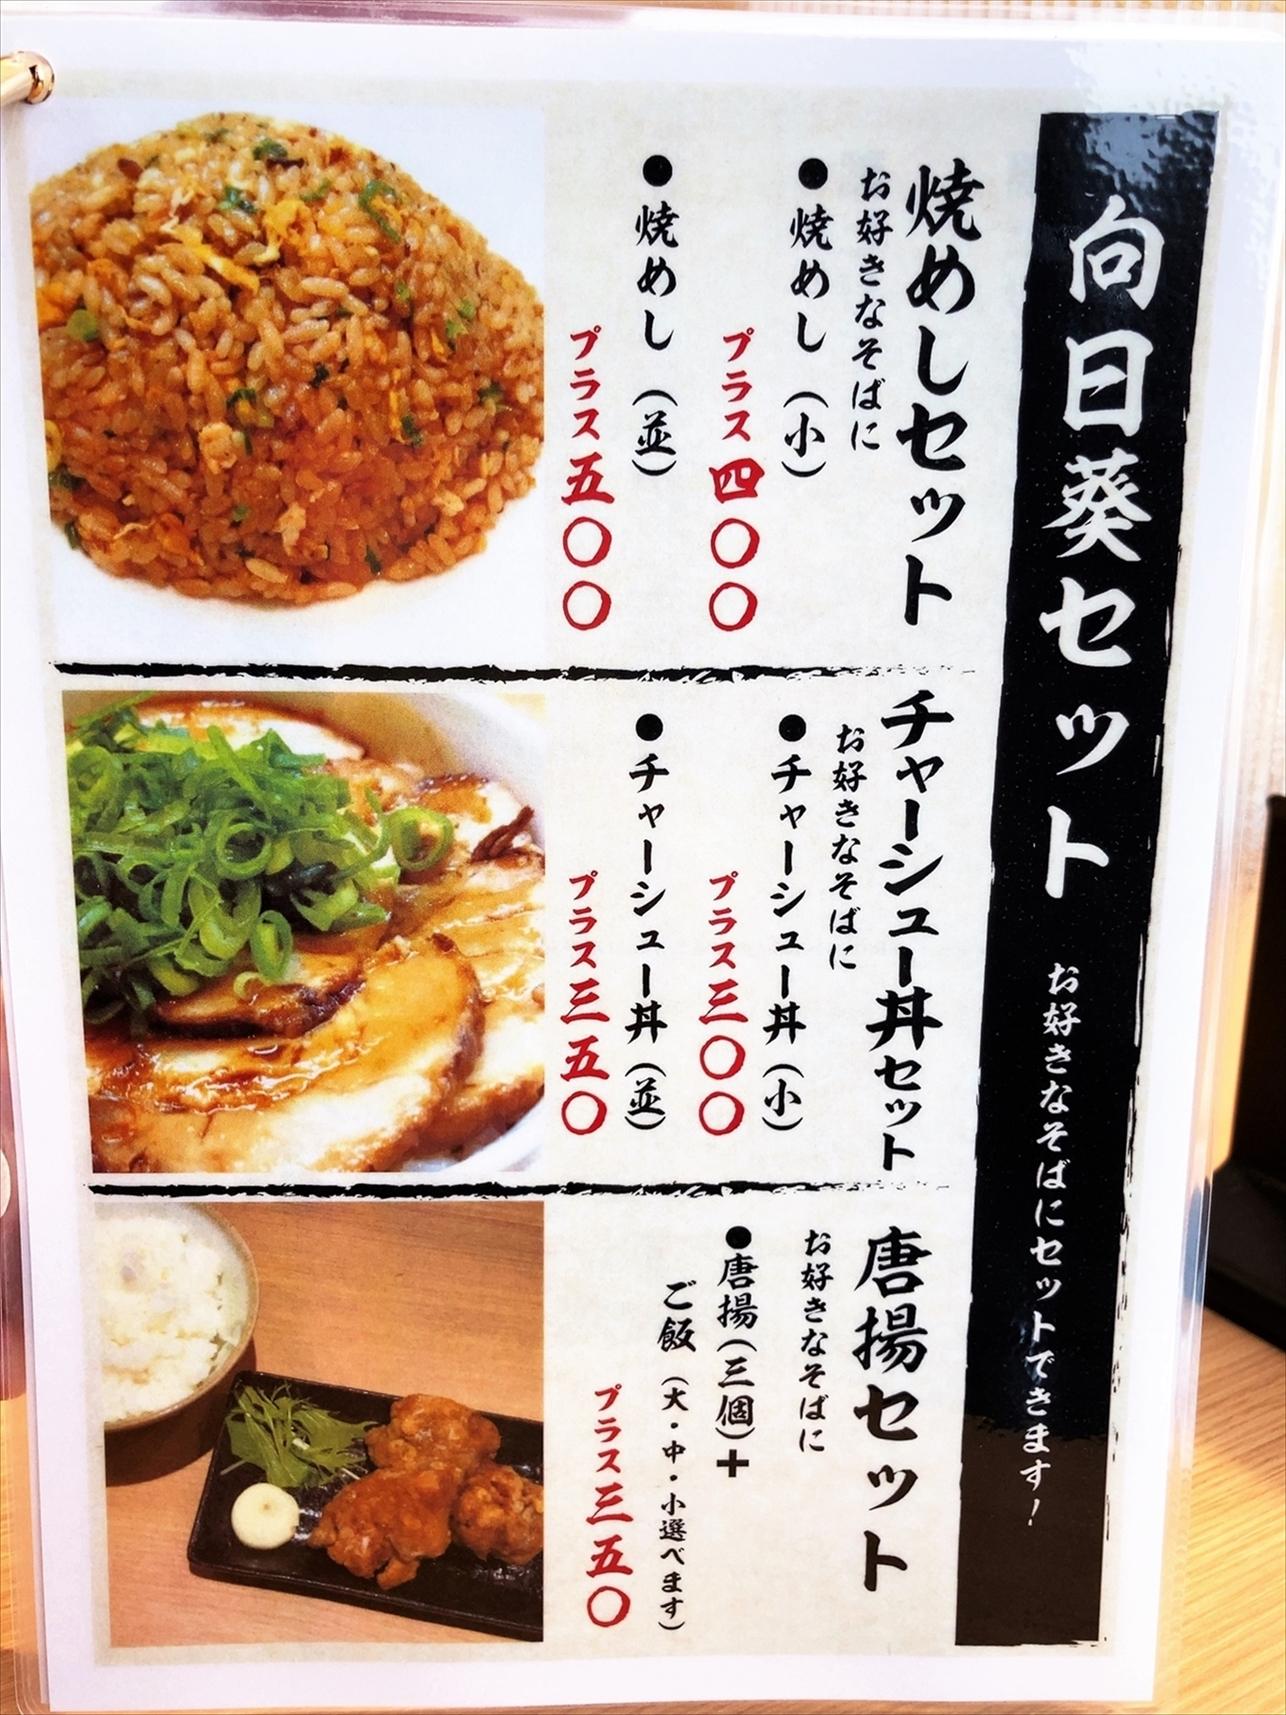 京都 麺や 向日葵のメニュー6